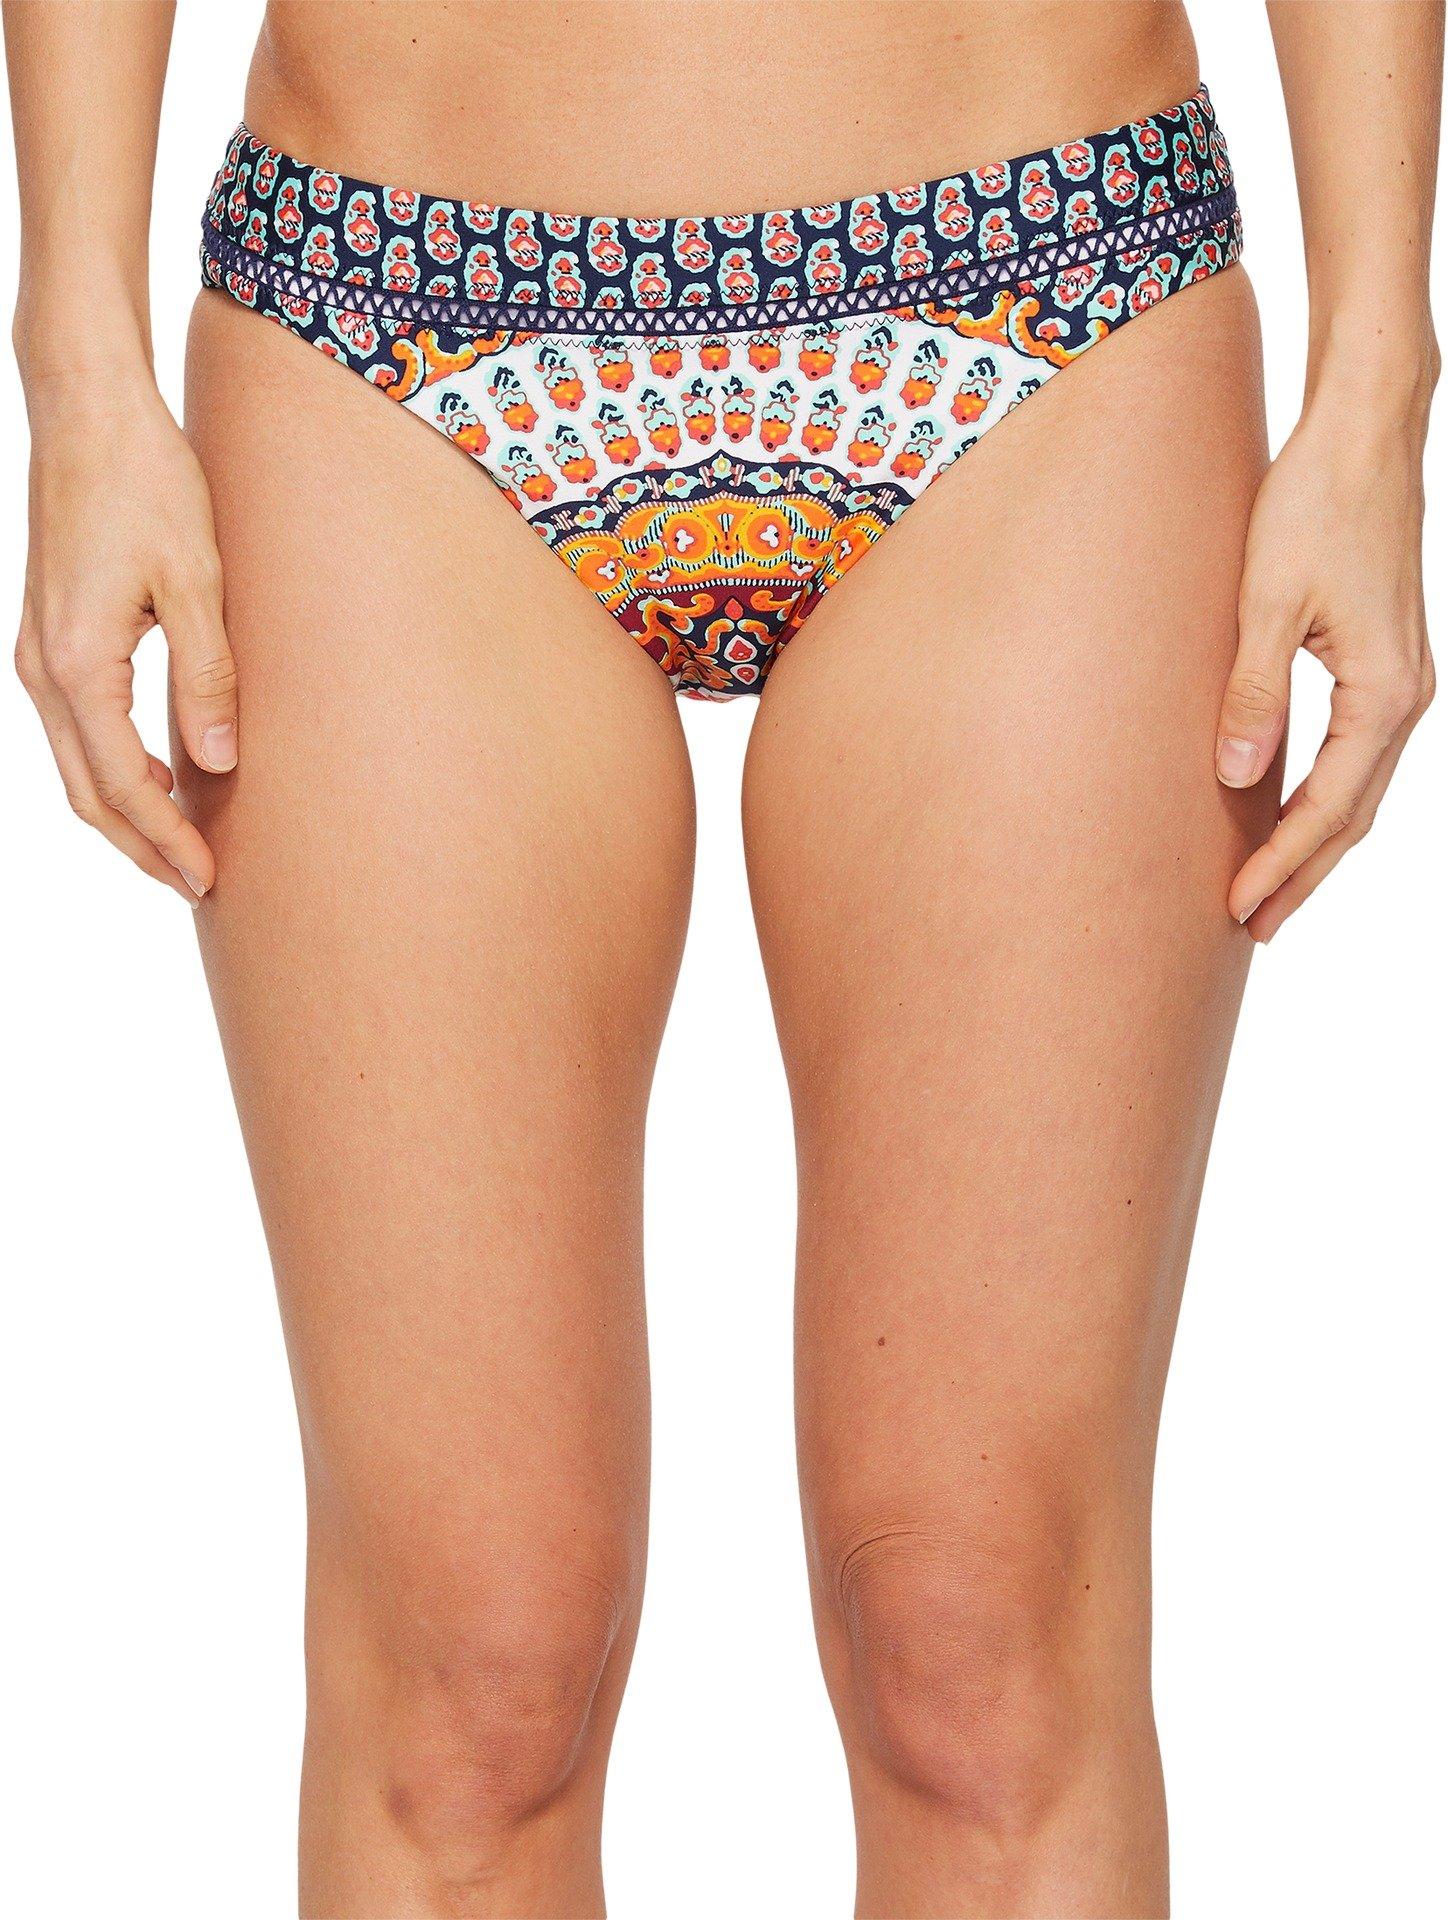 Nanette Lepore Women's Super Fly Paisley Hipster Bikini Bottom Multi XS